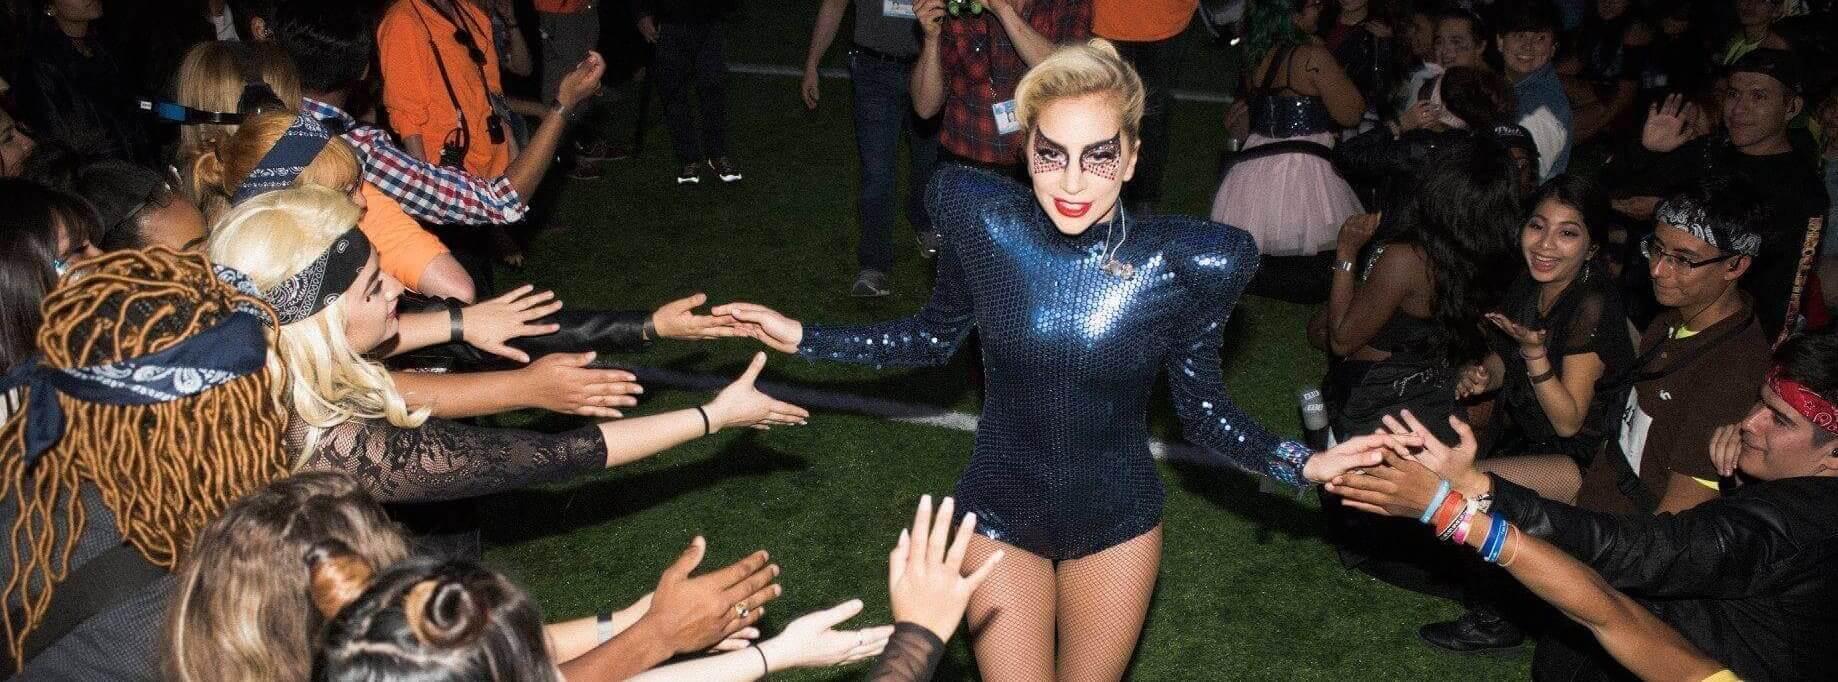 Las mejores canciones Lady Gaga